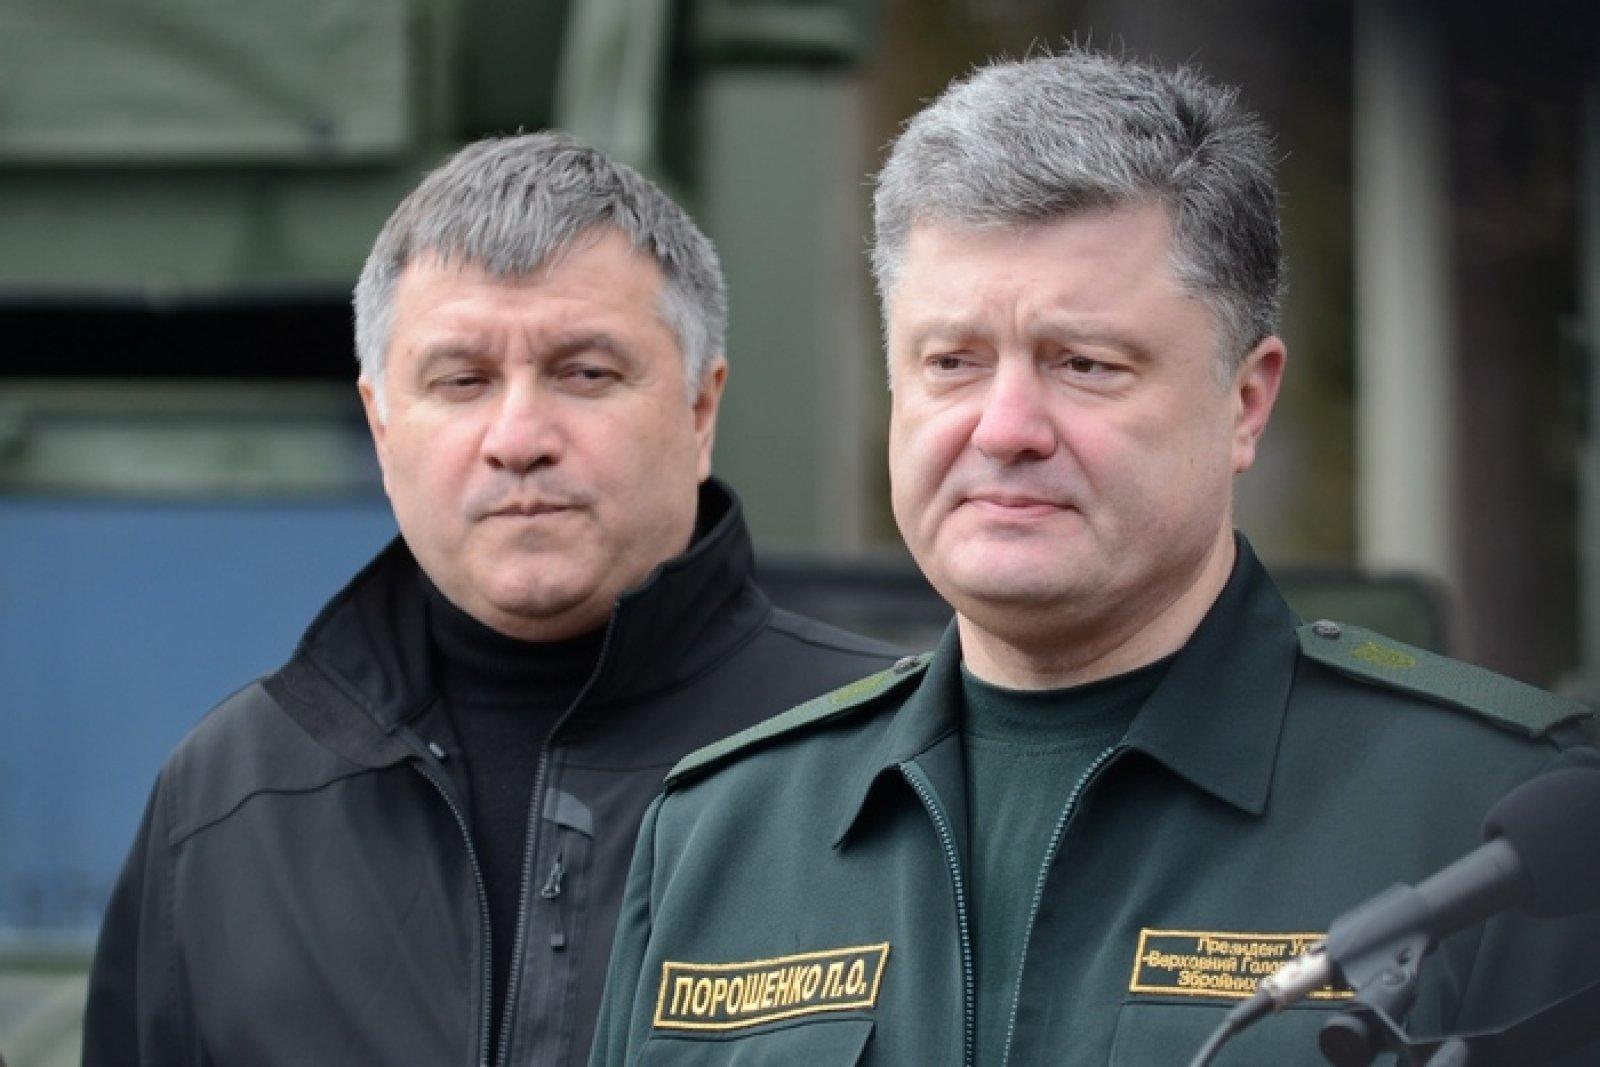 О чем ведут предвыборные торги «Народный фронт» и президент Порошенко